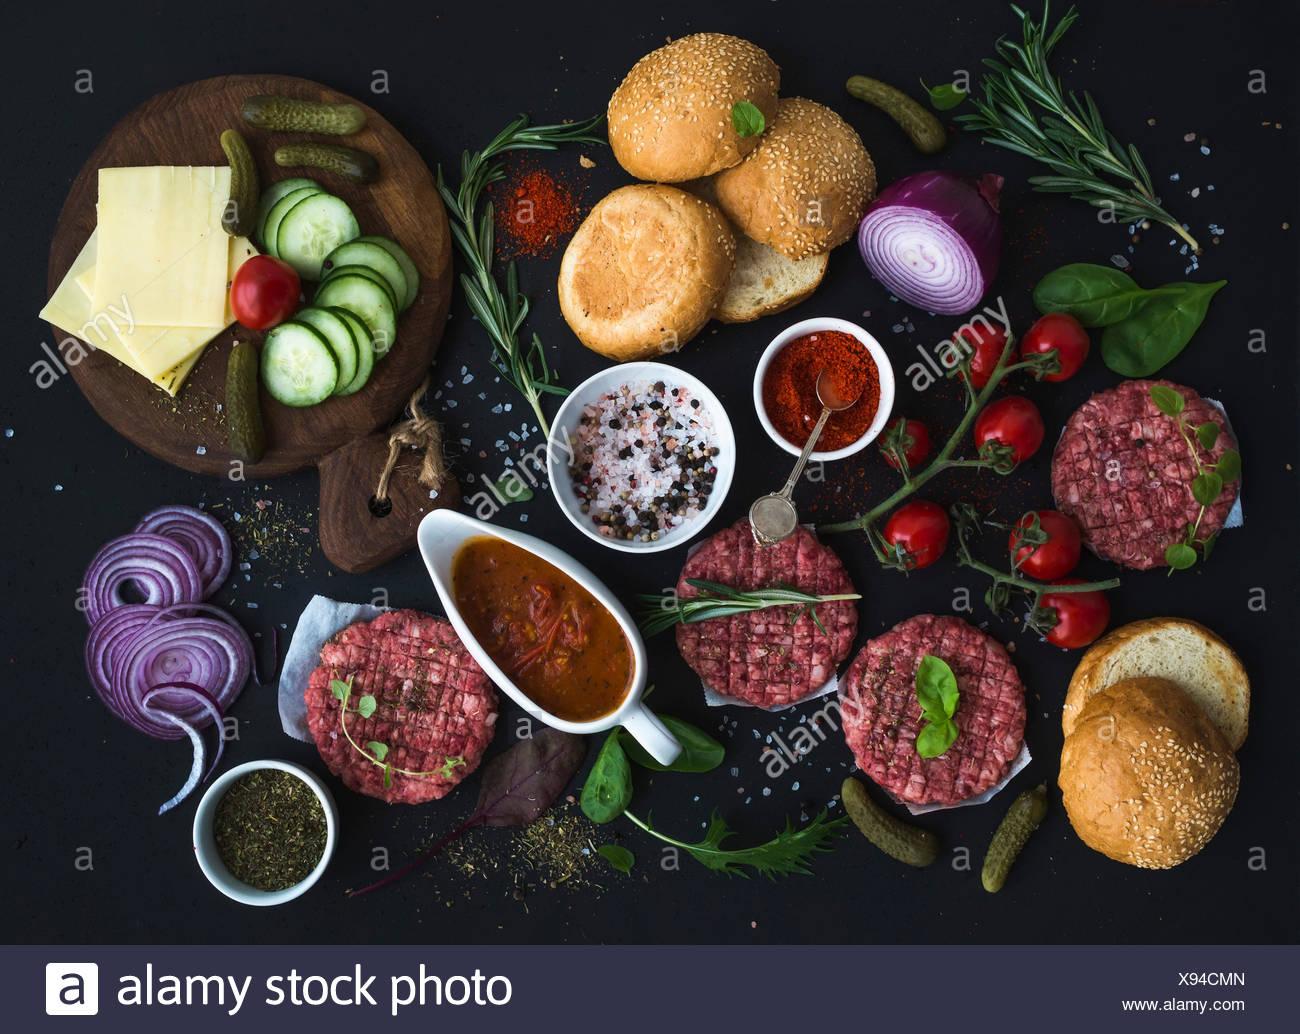 Ingredientes para cocinar hamburguesas. Carne molida cruda las croquetas de carne, bollos, cebolla roja, tomates cherry, verdes, encurtidos, salsa de tomate, Imagen De Stock